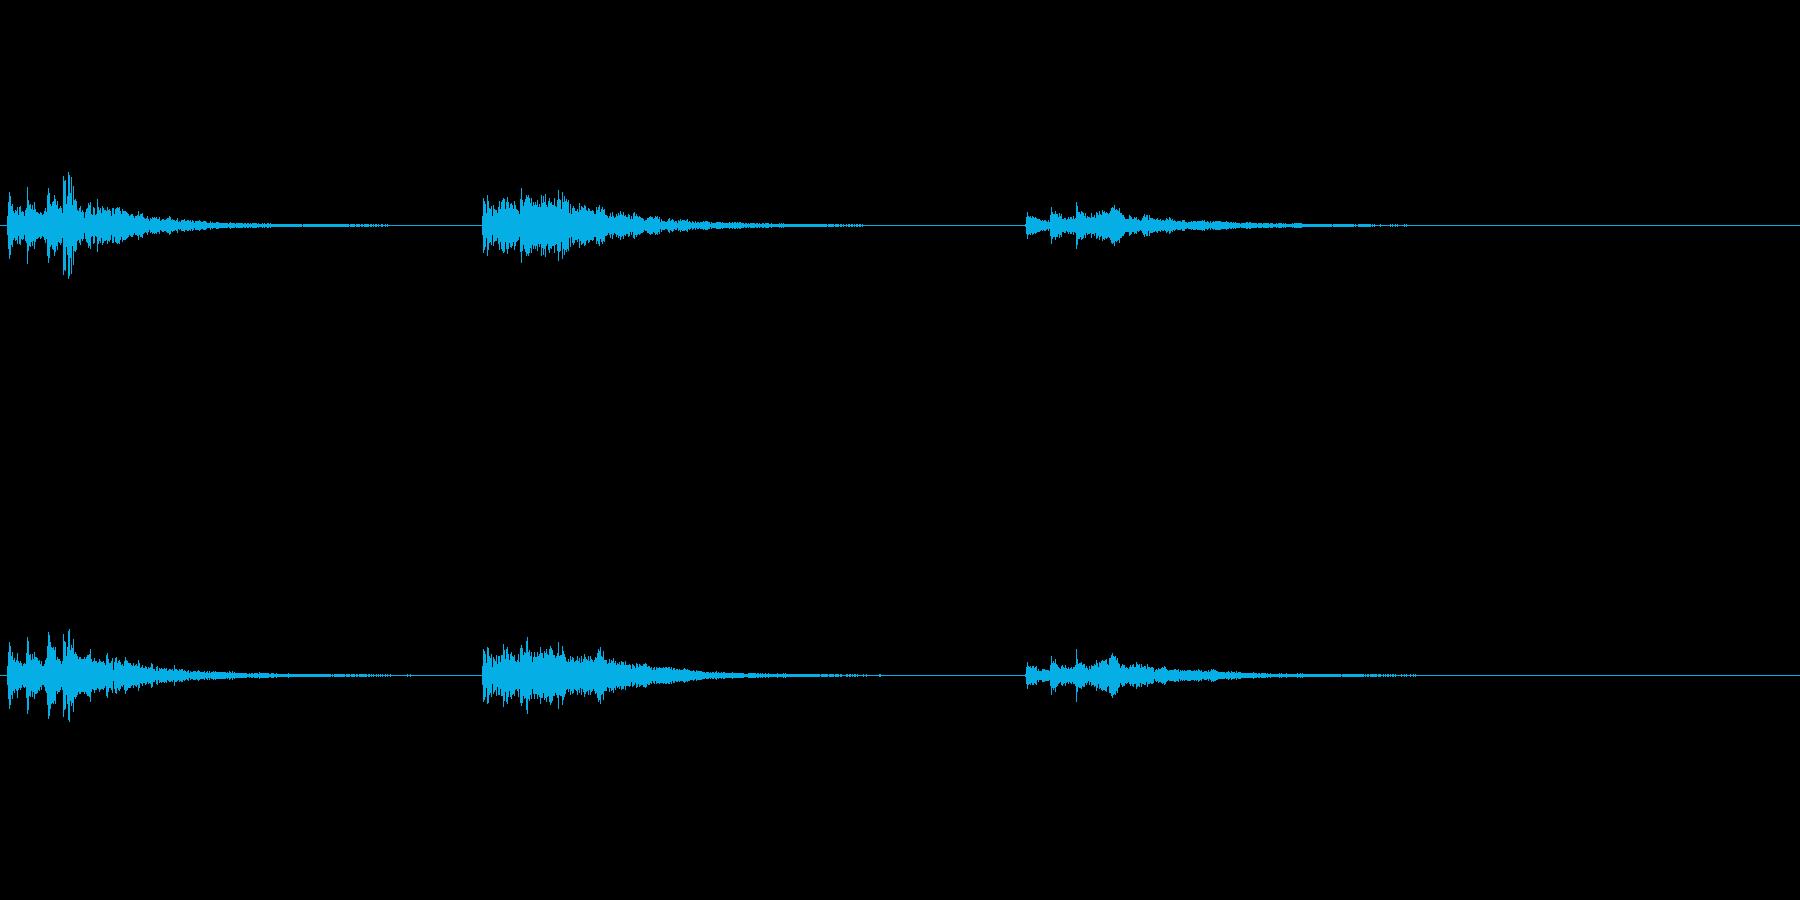 生演奏 琵琶 和風 古典風 残響有#22の再生済みの波形